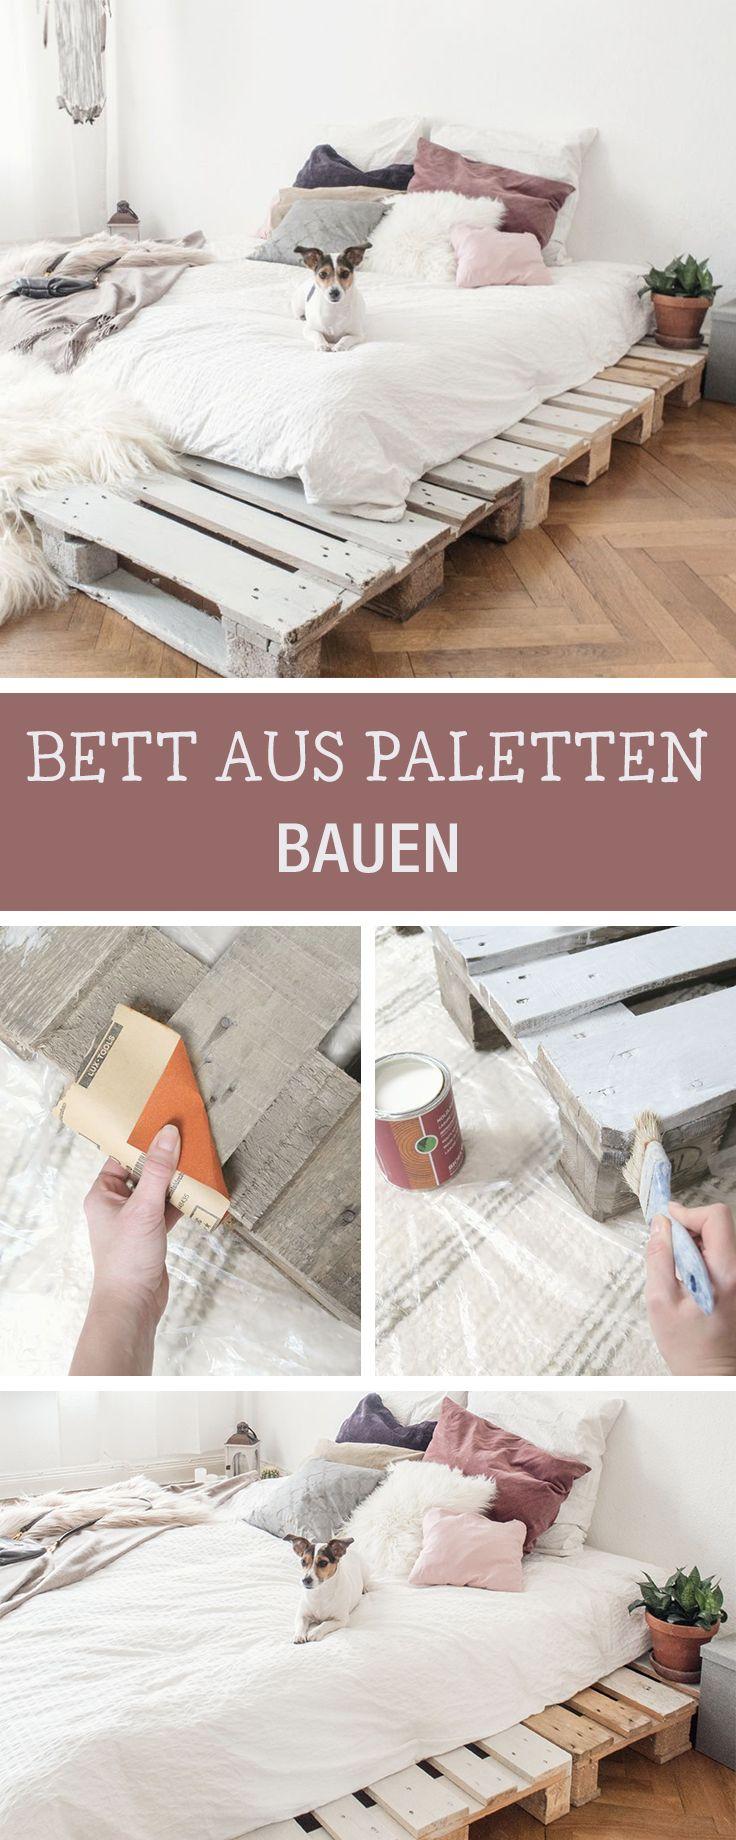 Wundervoll Bett Aus Paletten Bauen Sammlung Von Ein Selberbauen Paletten, Minimale Möbel / How